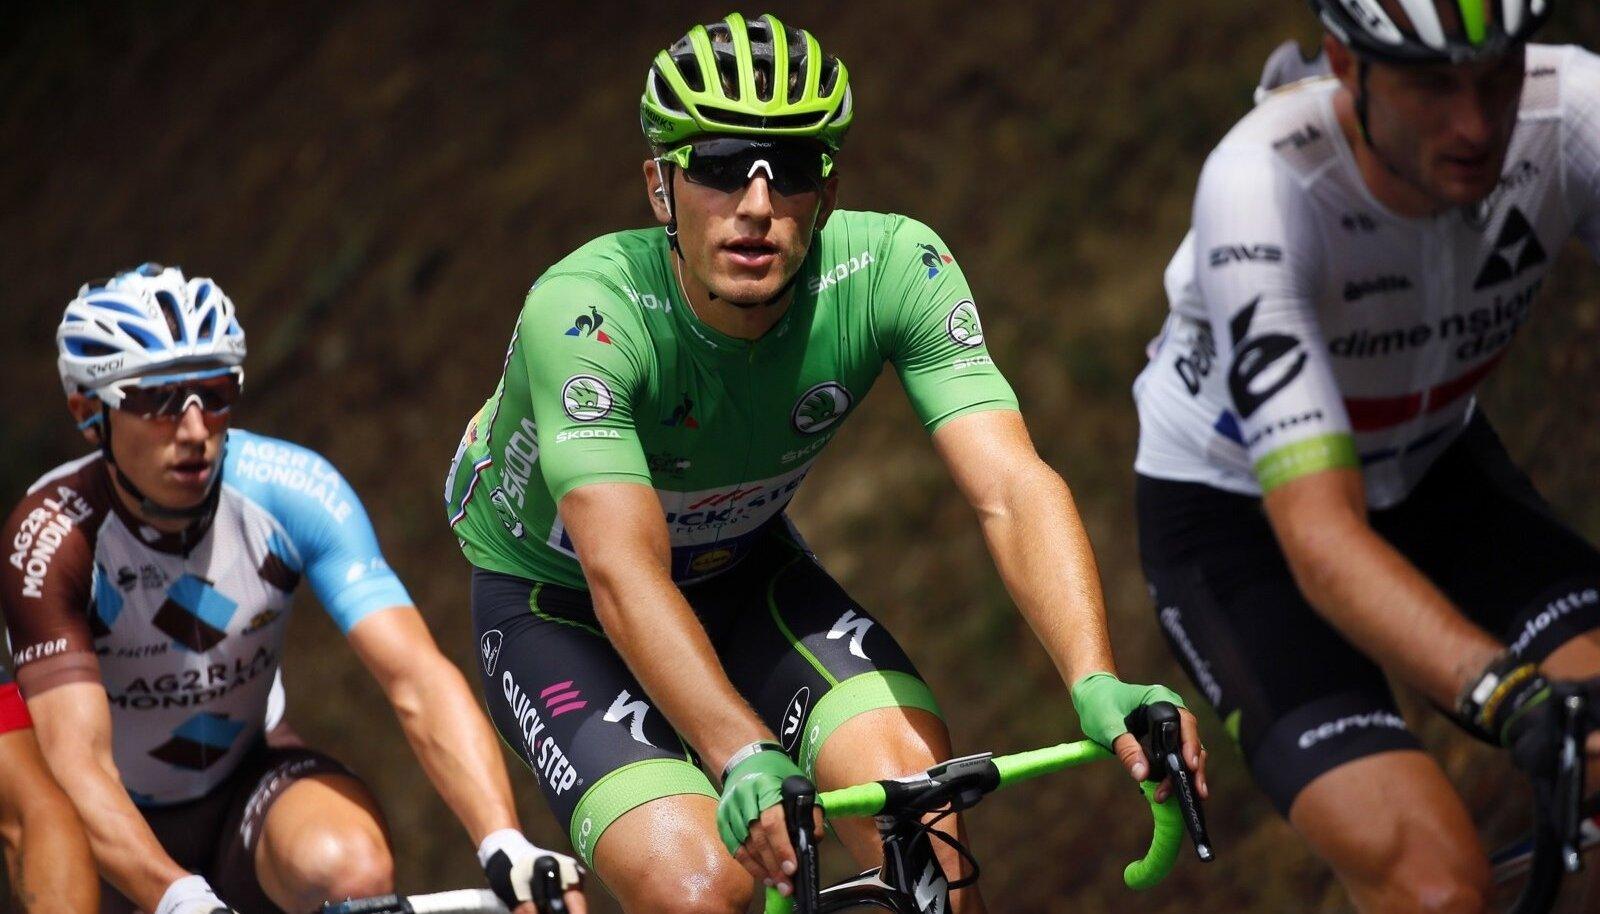 Marcel Kittel sprinterite punktiarvestuse rohelises särgis